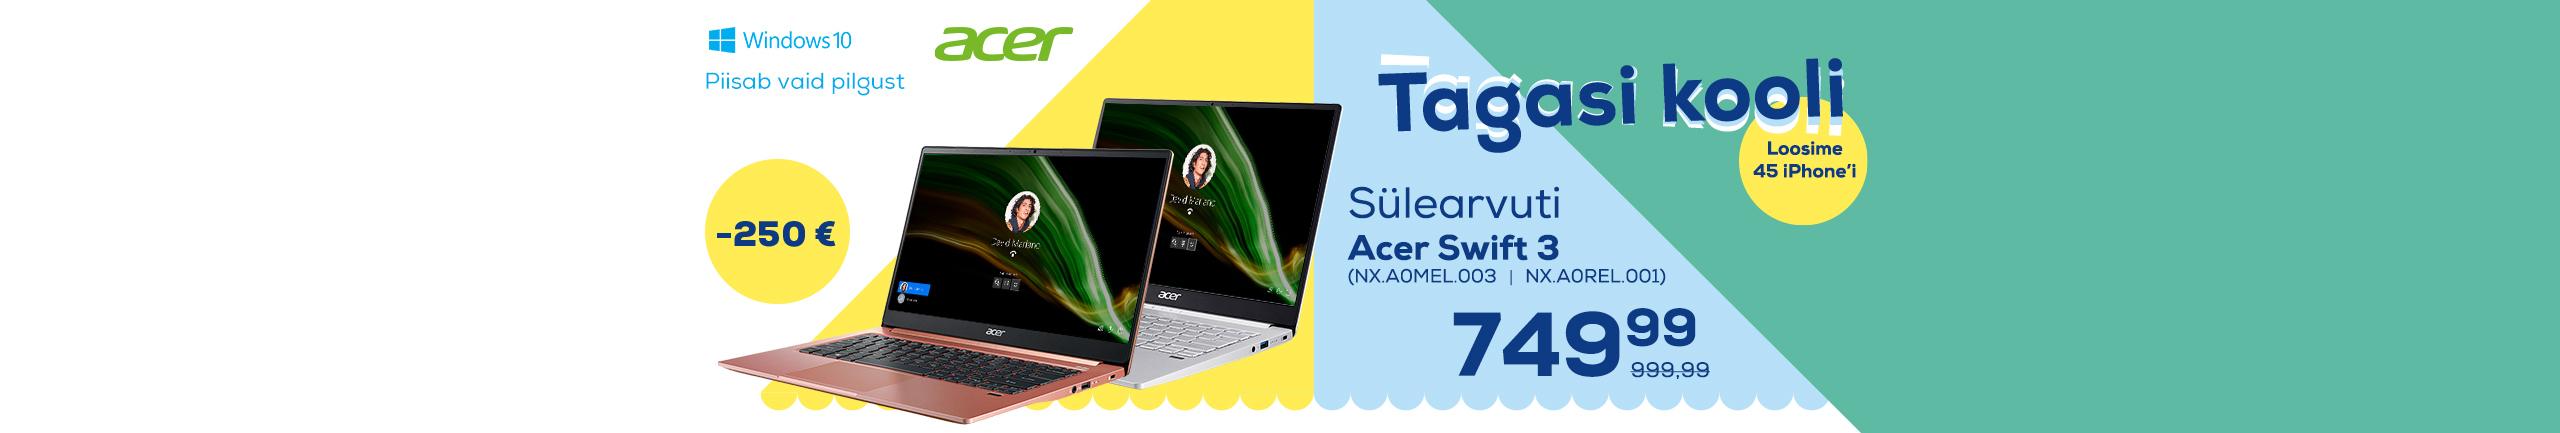 NPL Osta arvuti ja võida iPhone 12 mini, Acer Swift 3